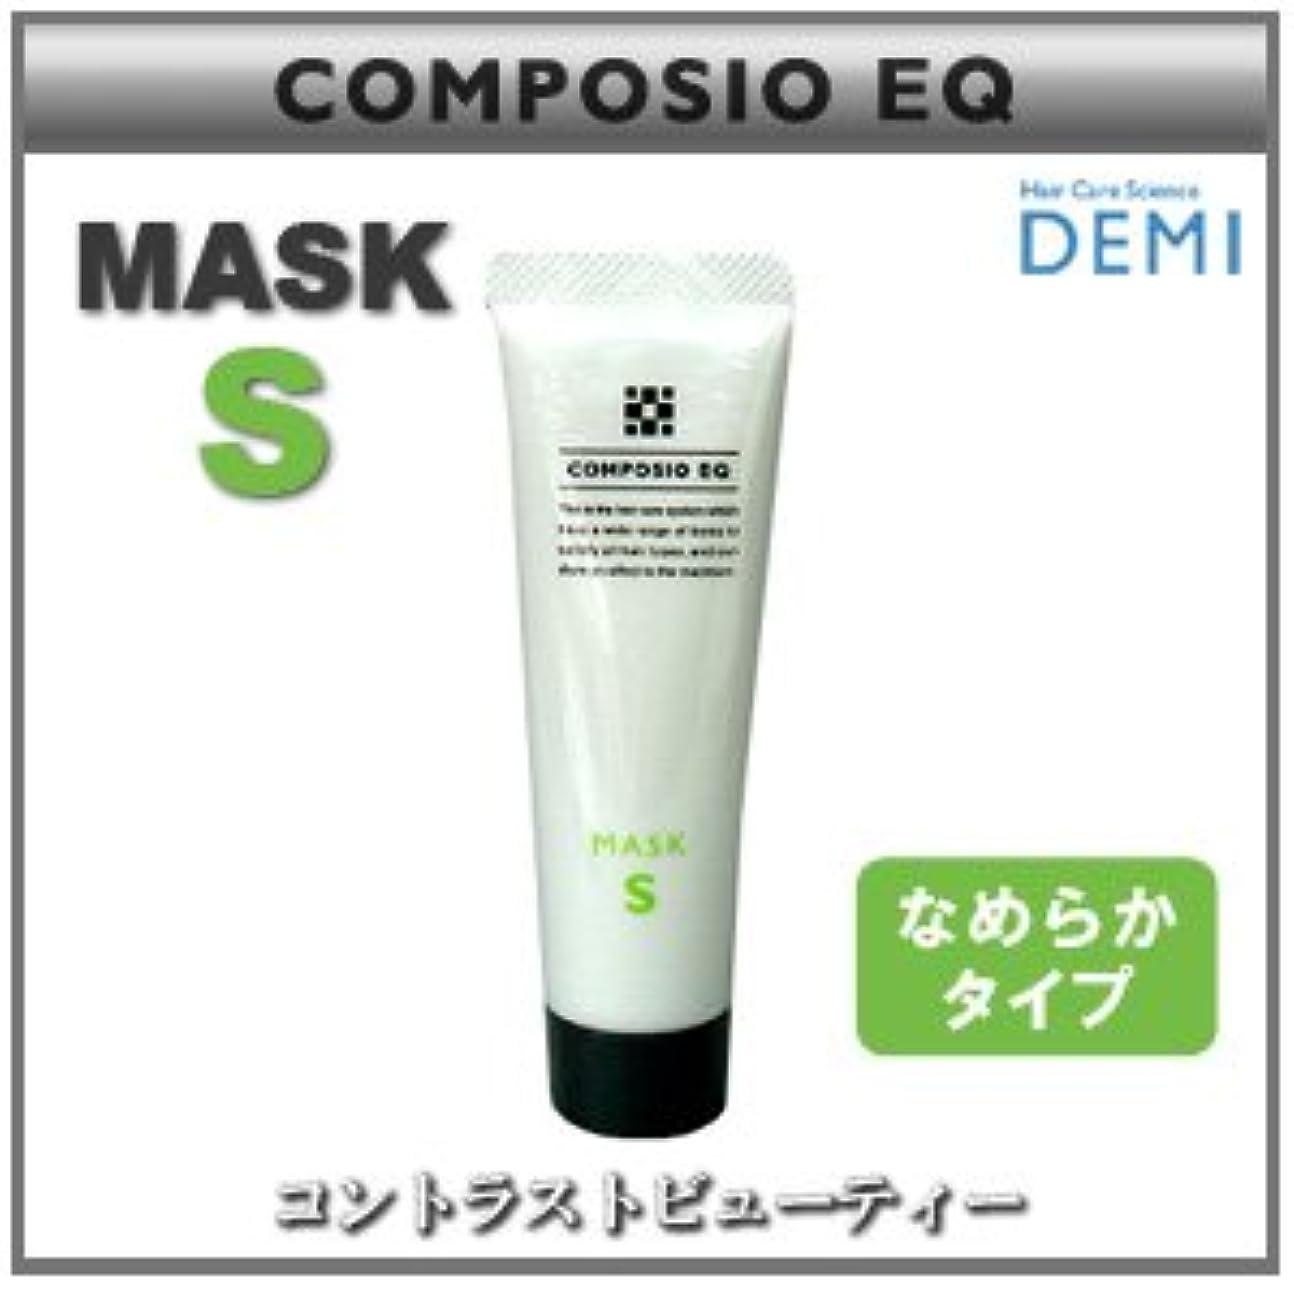 弾丸隙間関税【X2個セット】 デミ コンポジオ EQ マスク S 50g